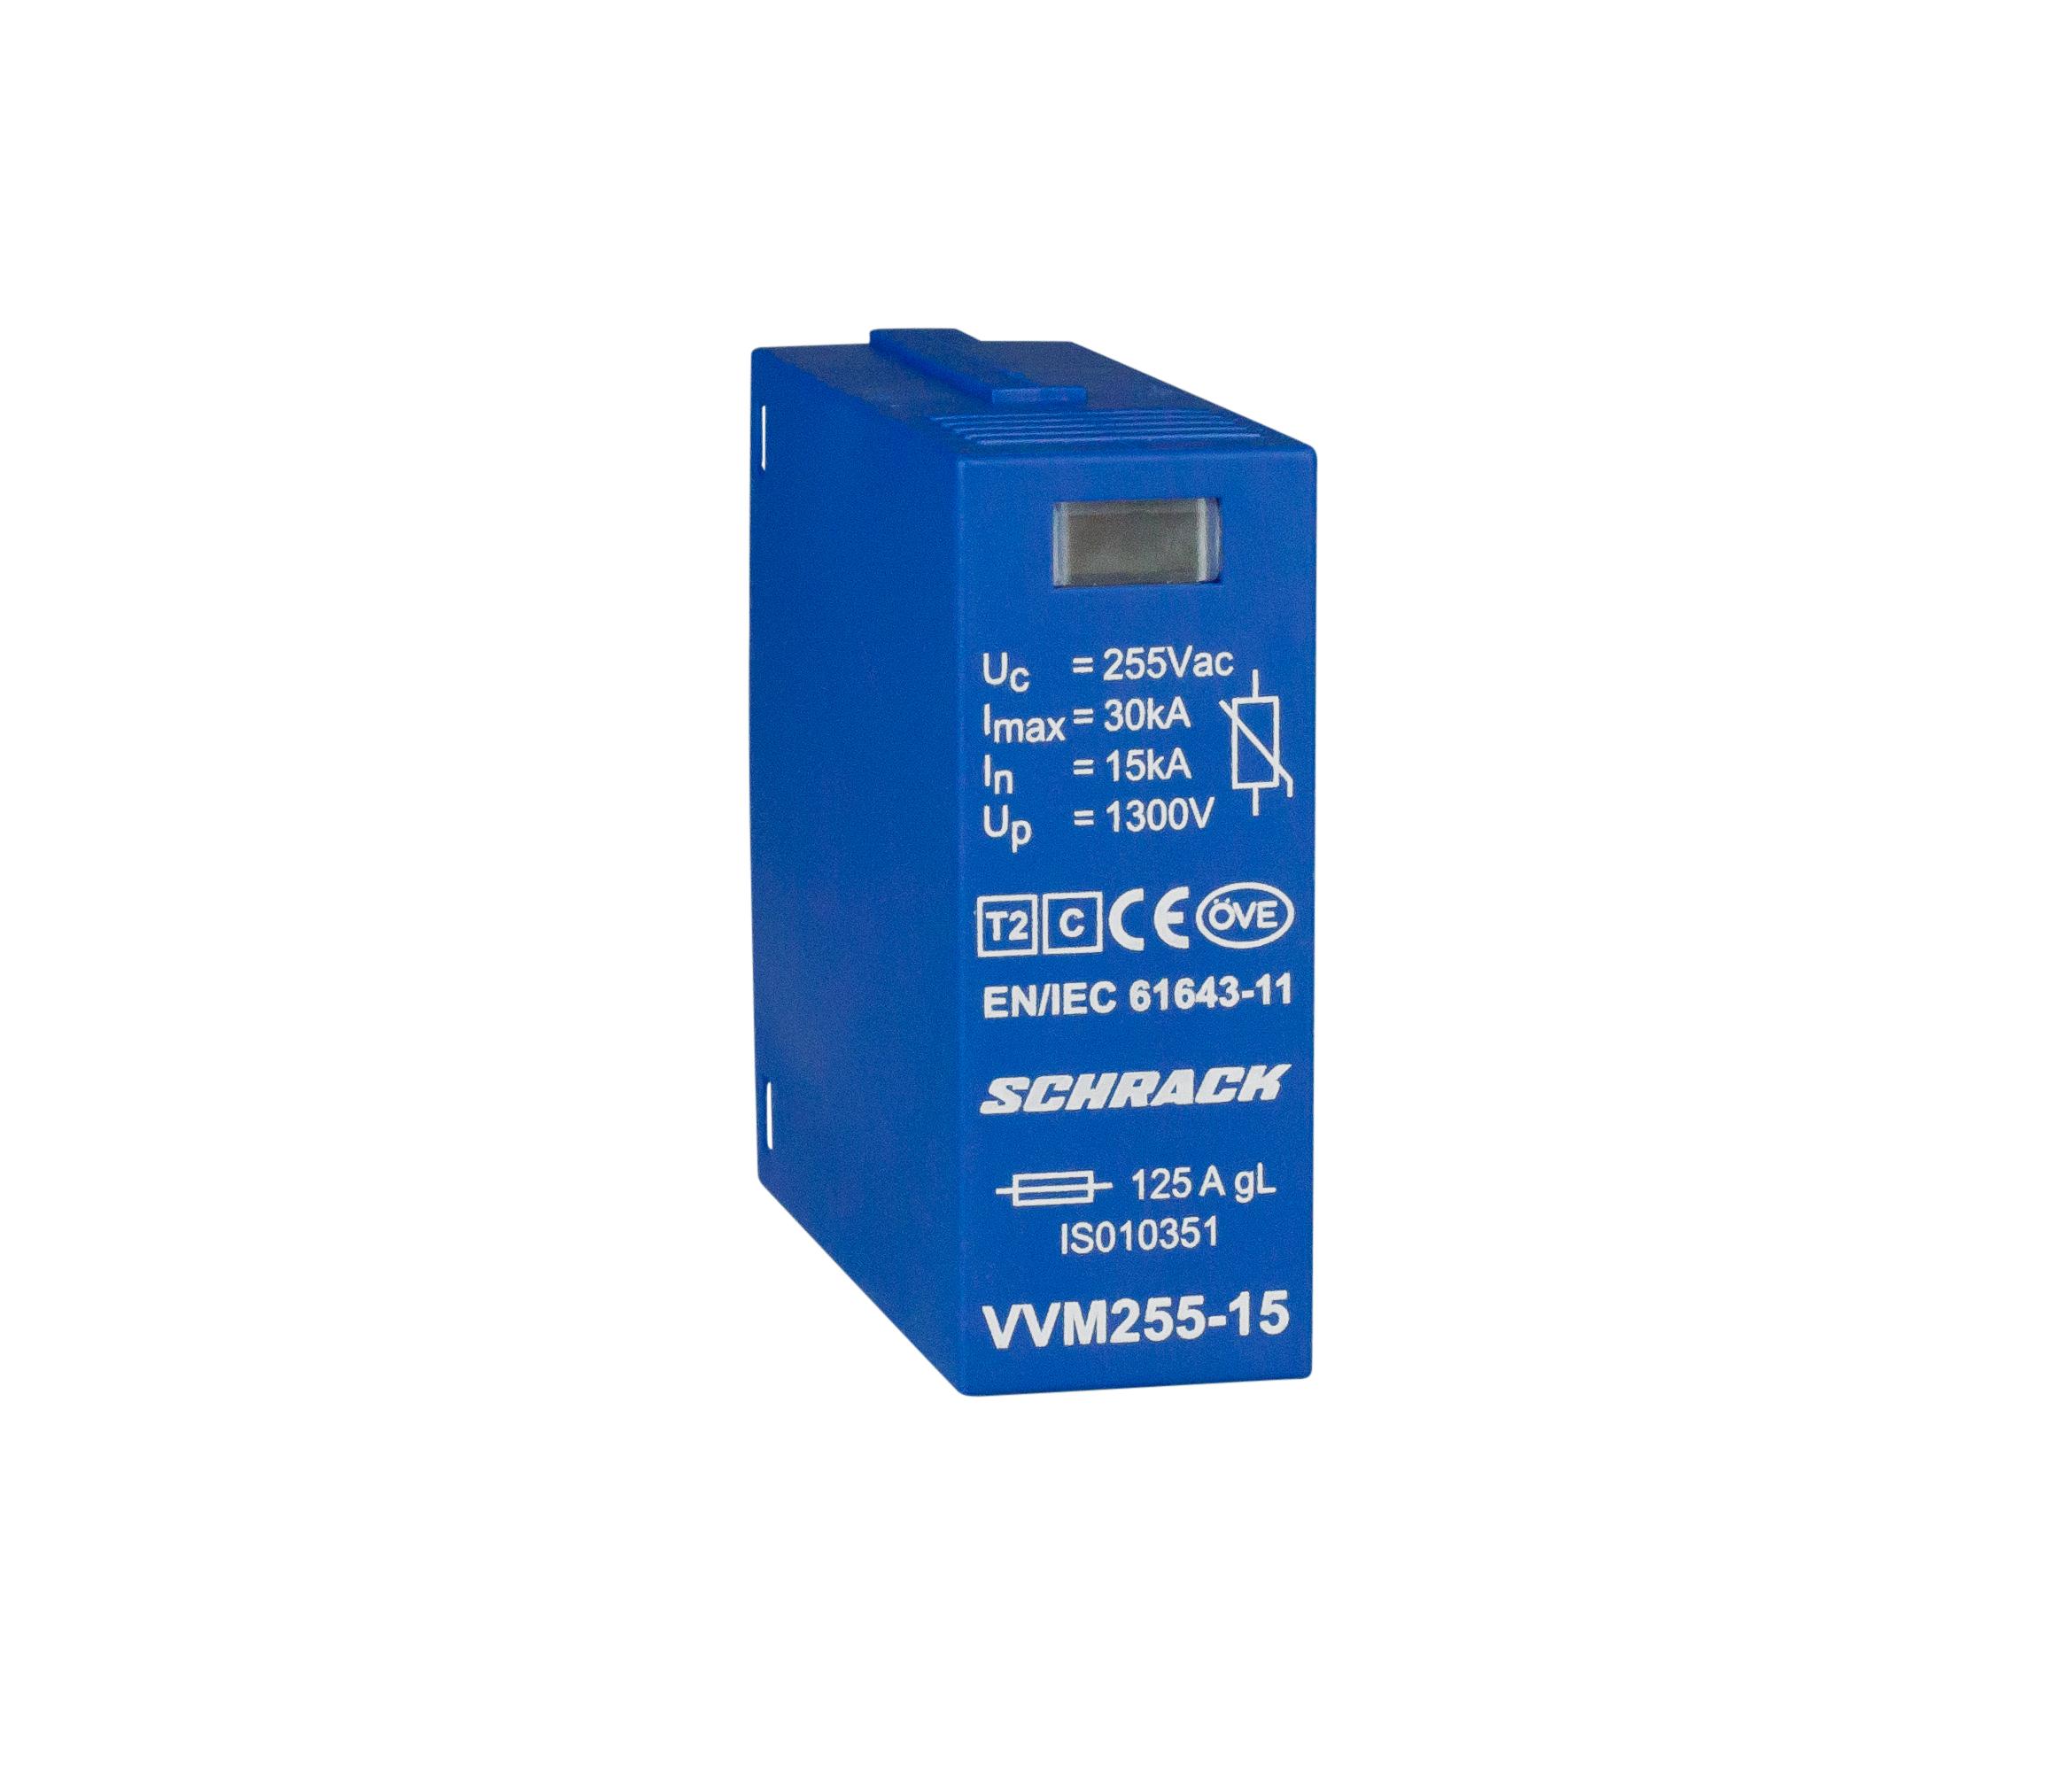 1 Stk Vartec Varistormodul TII, VVM - 255V/15kA IS010351--